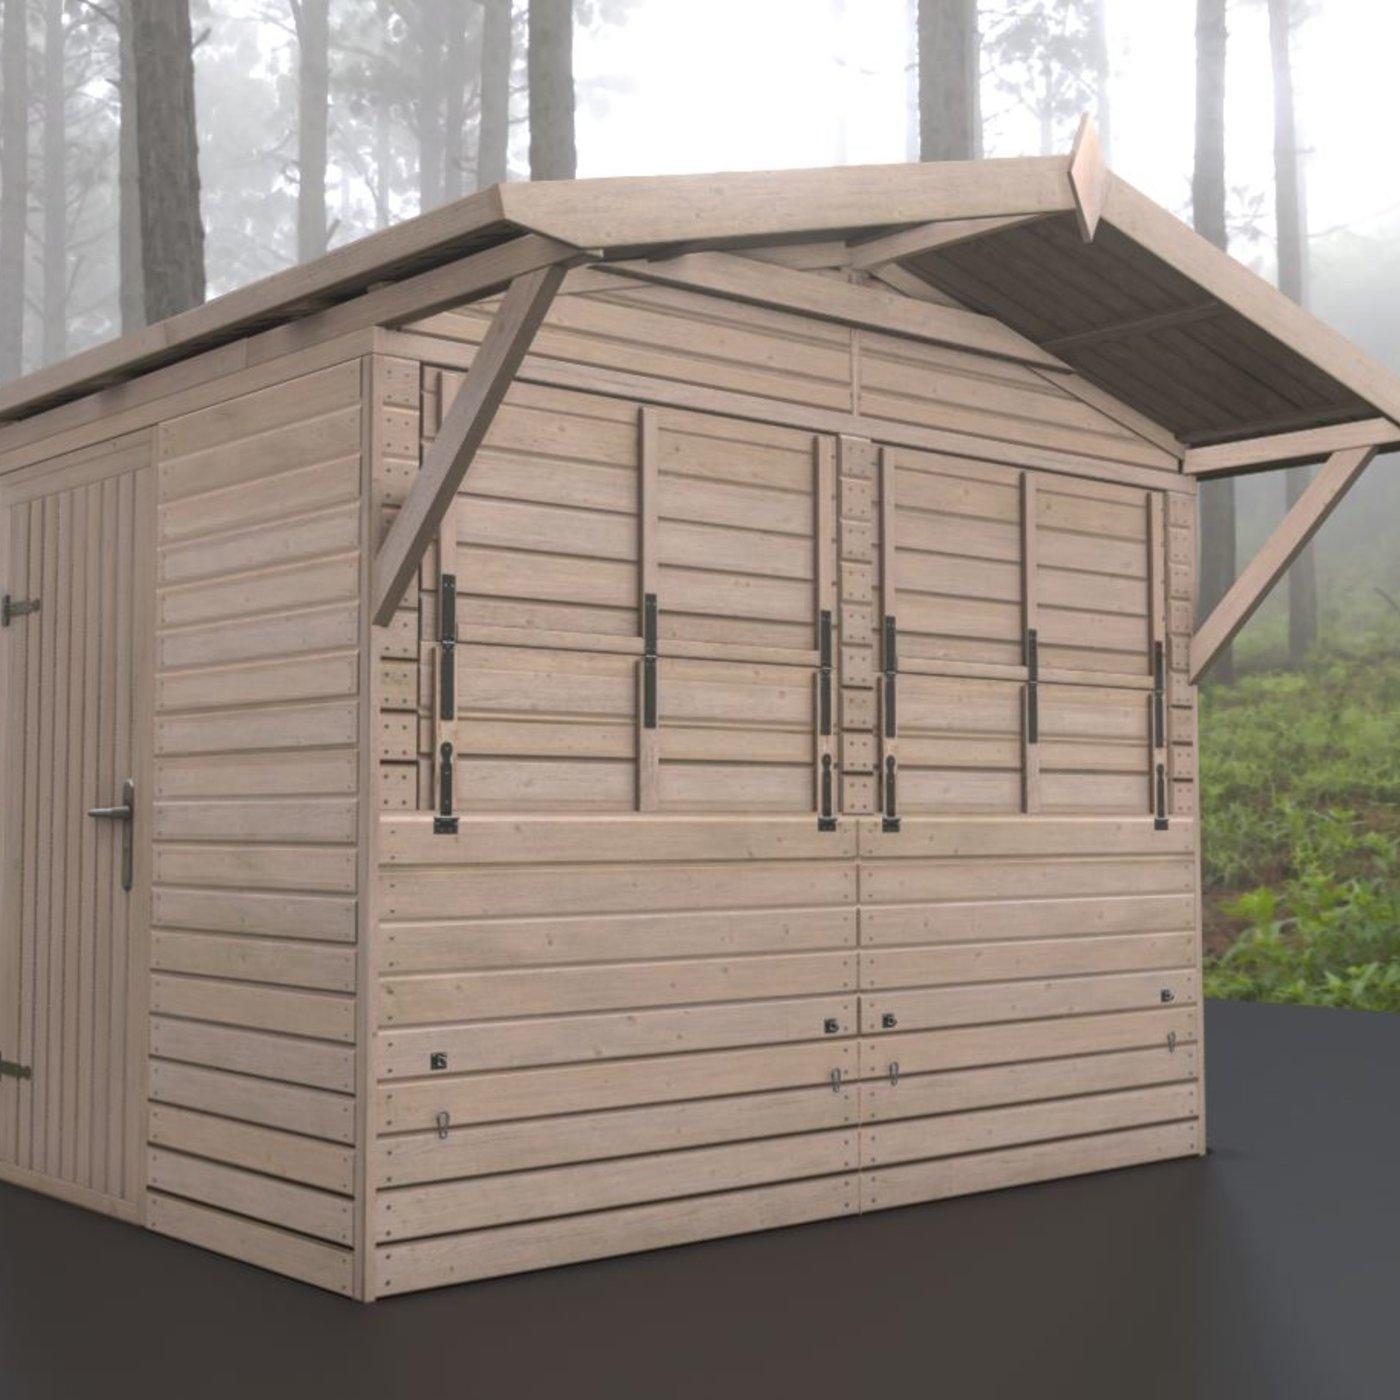 Wooden Market Stall Version -1-